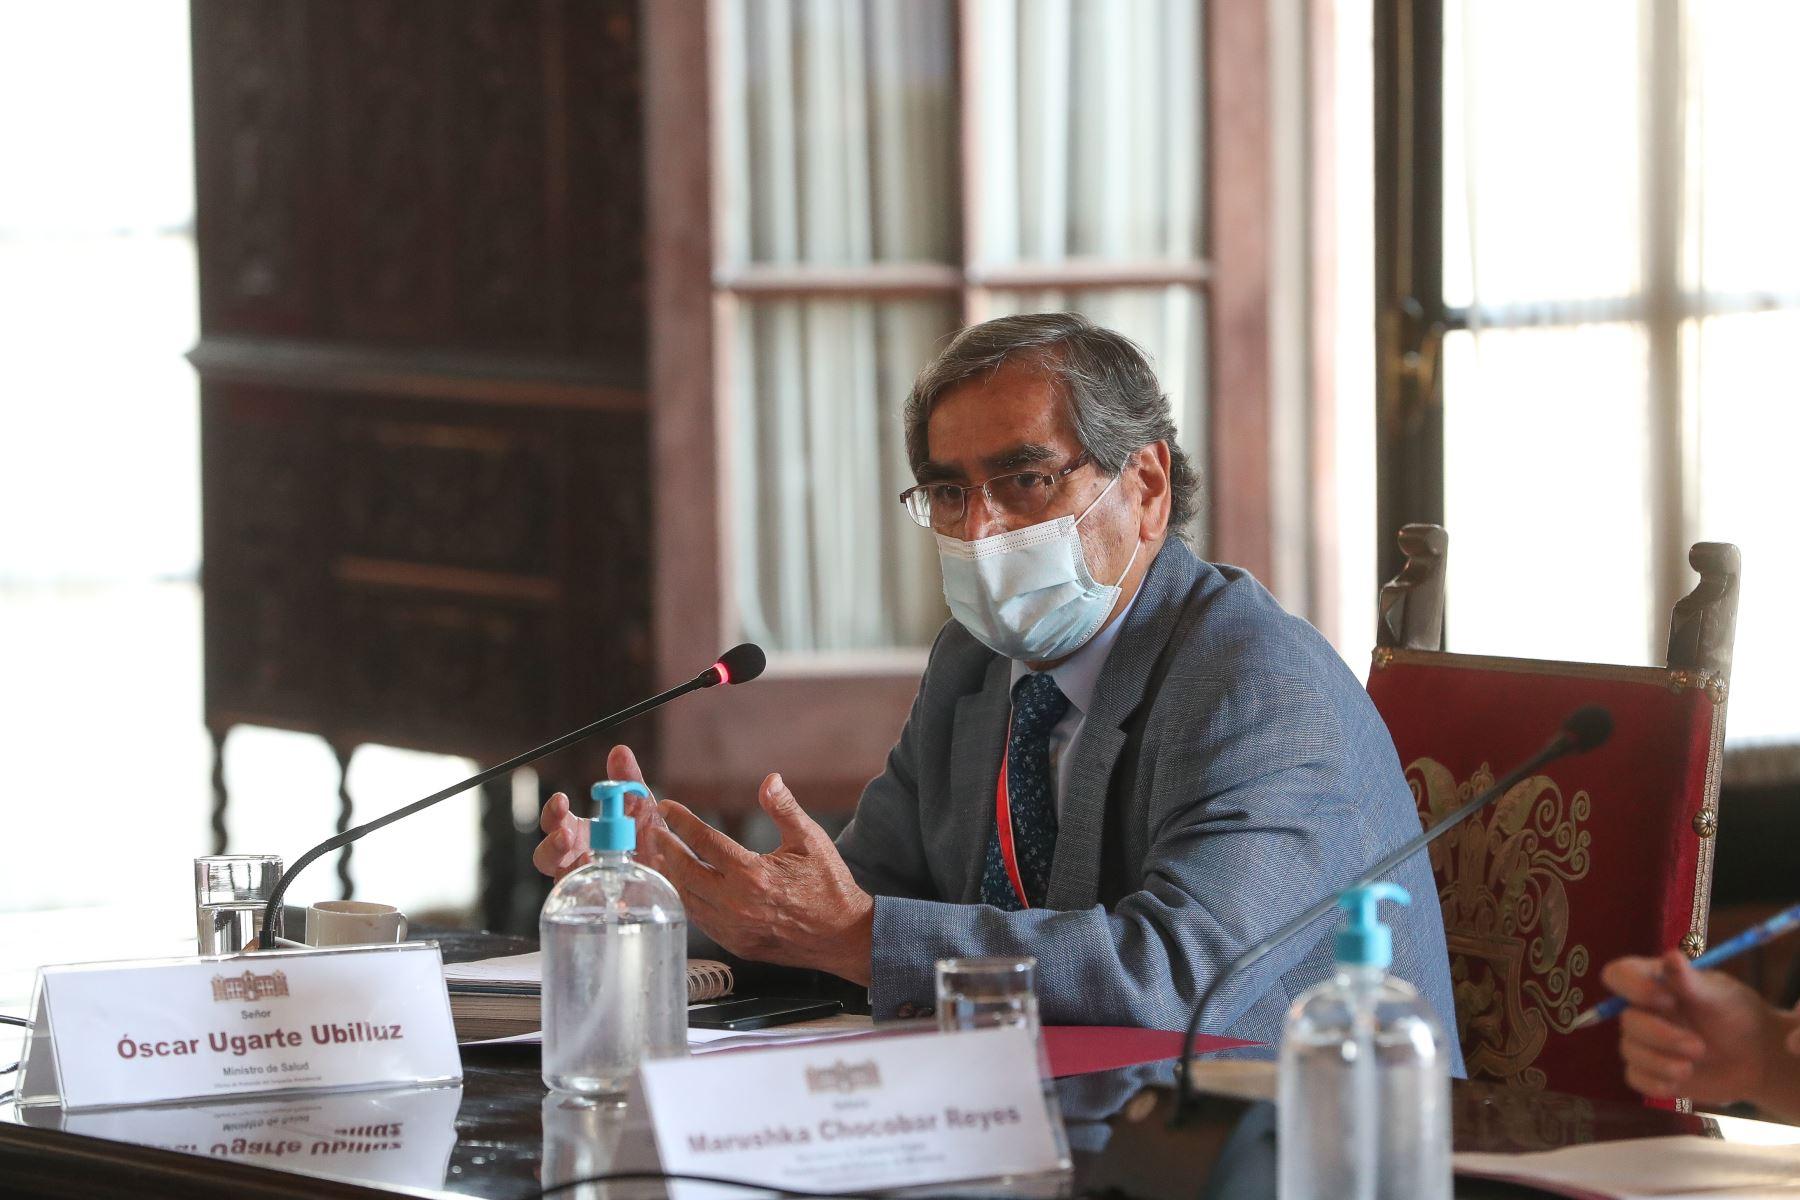 Ministro de Salud, Oscar Ugarte, participa de la instalación del grupo de trabajo técnico con el objeto de proponer los criterios para actualizar la cifra de fallecidos por la Covid 19. Foto: PCM